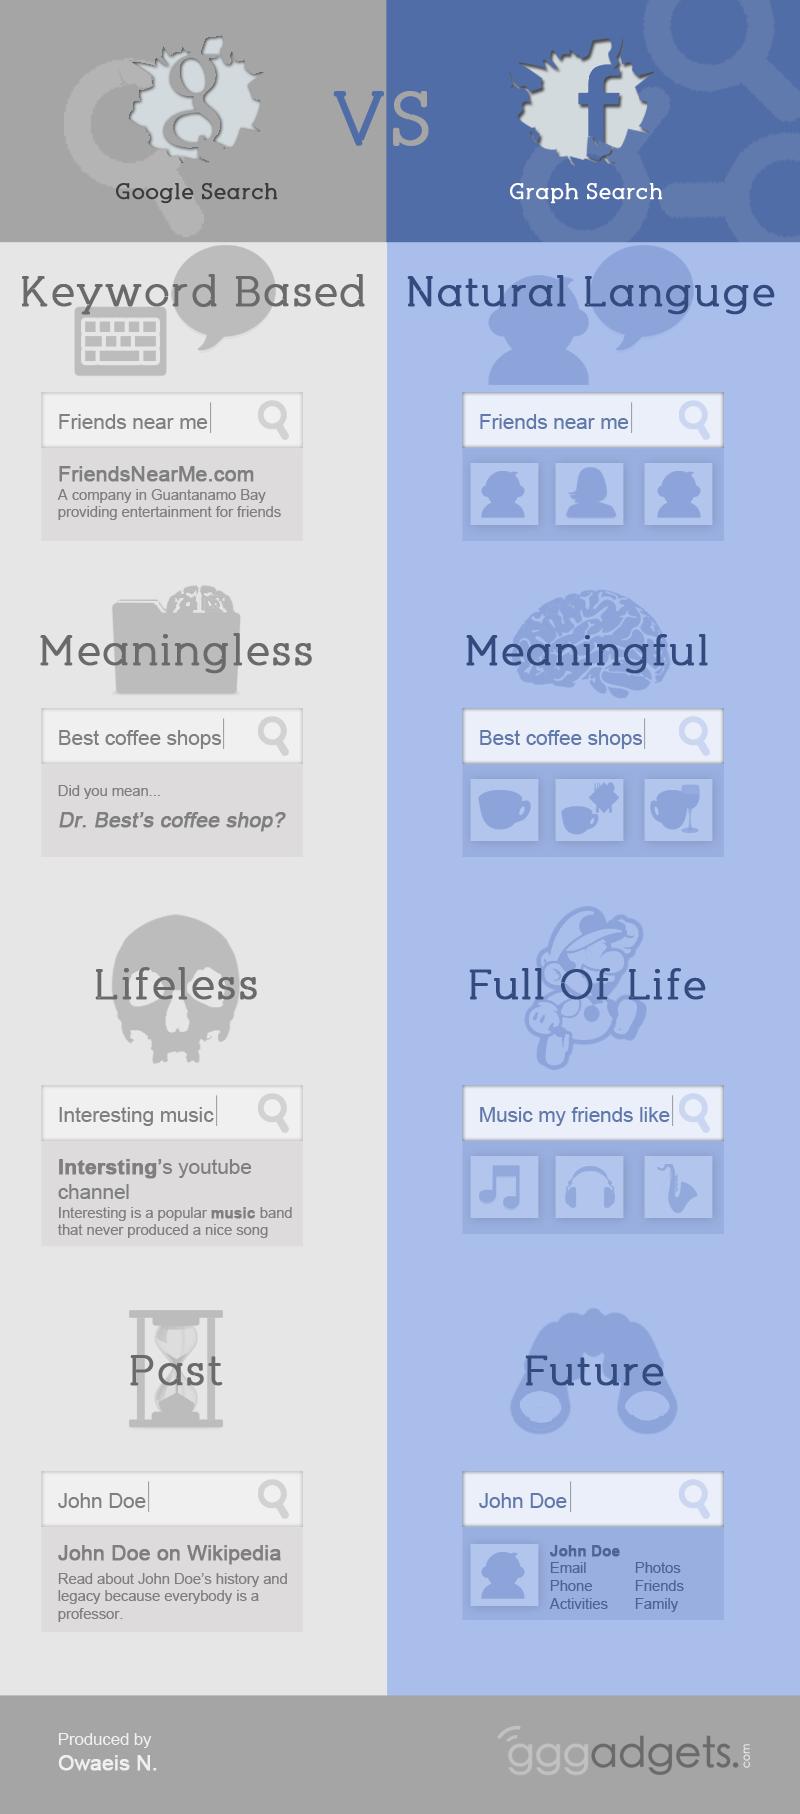 Google-Search-Vs-Graph-Search-Infographic